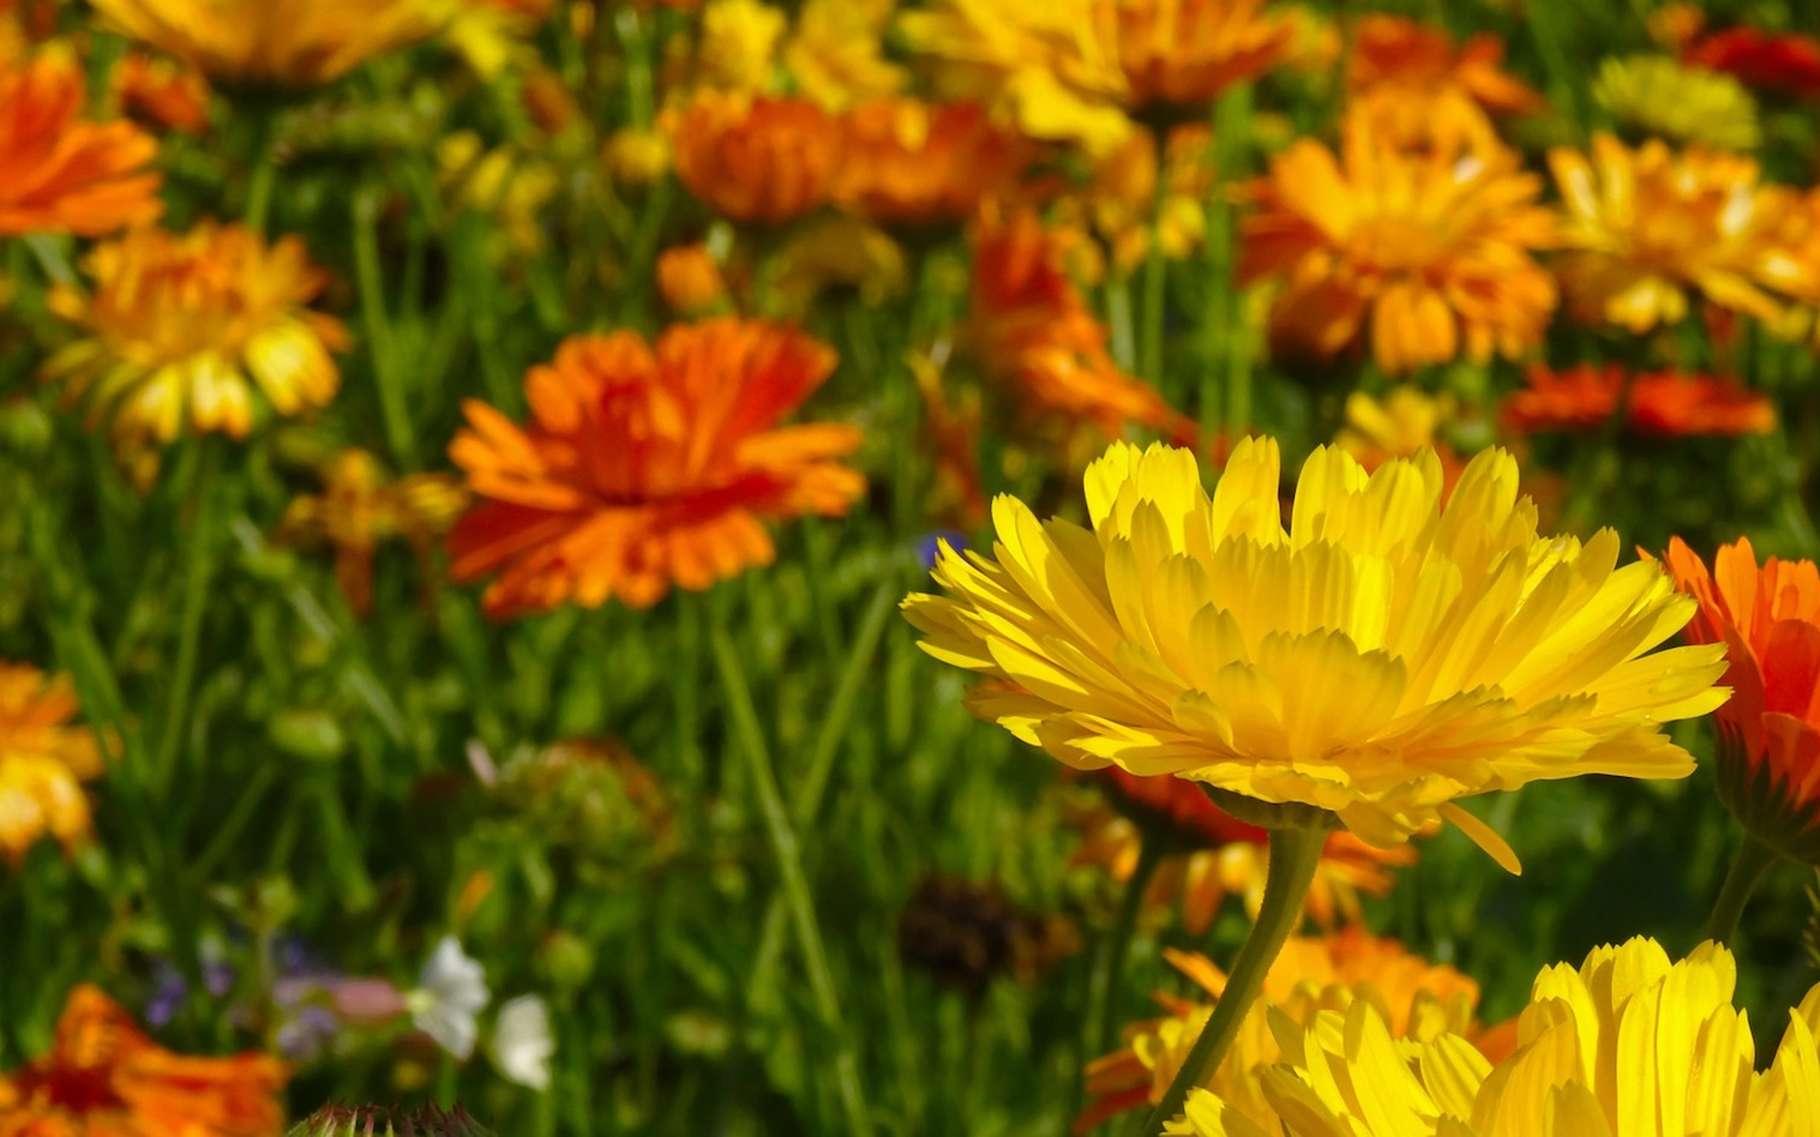 Les plantes à fleurs sont des angiospermes. © Jan-Mallander, Pixabay, DP